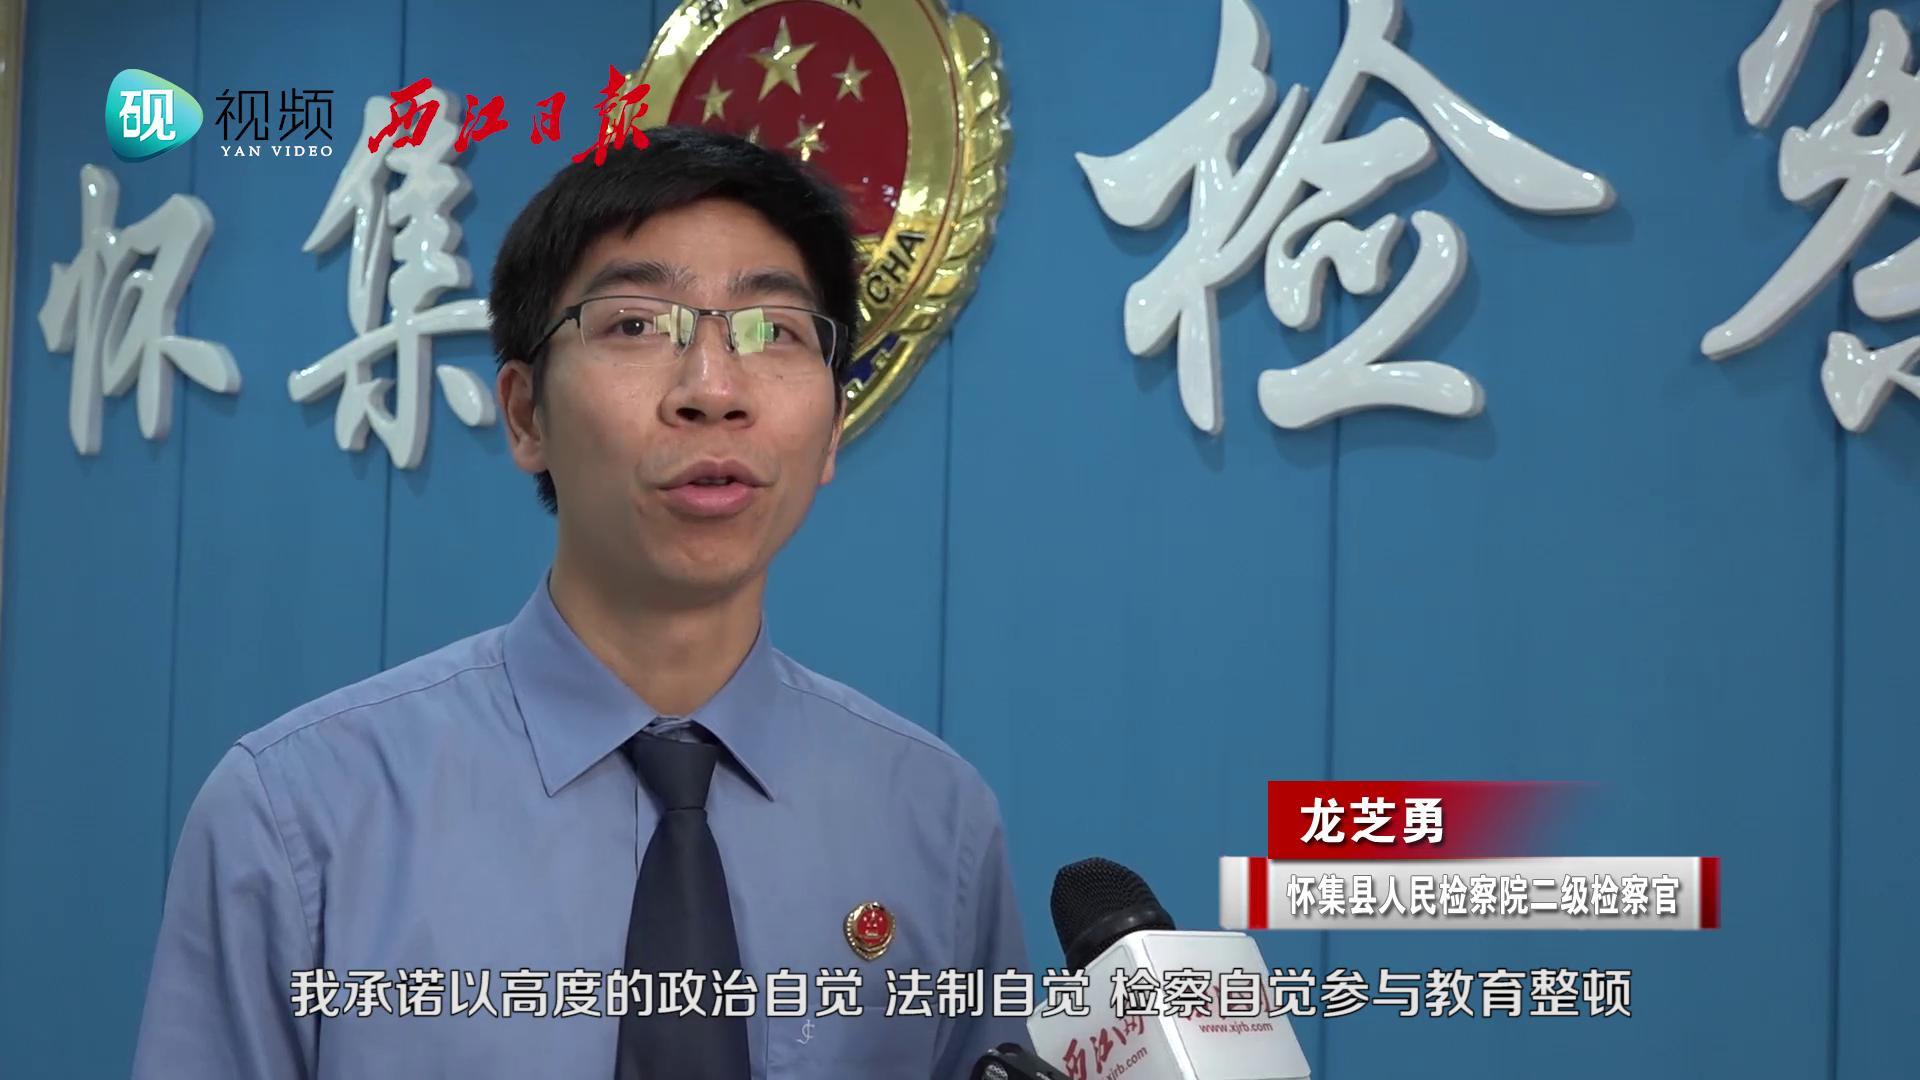 怀集县部署政法队伍教育整顿工作